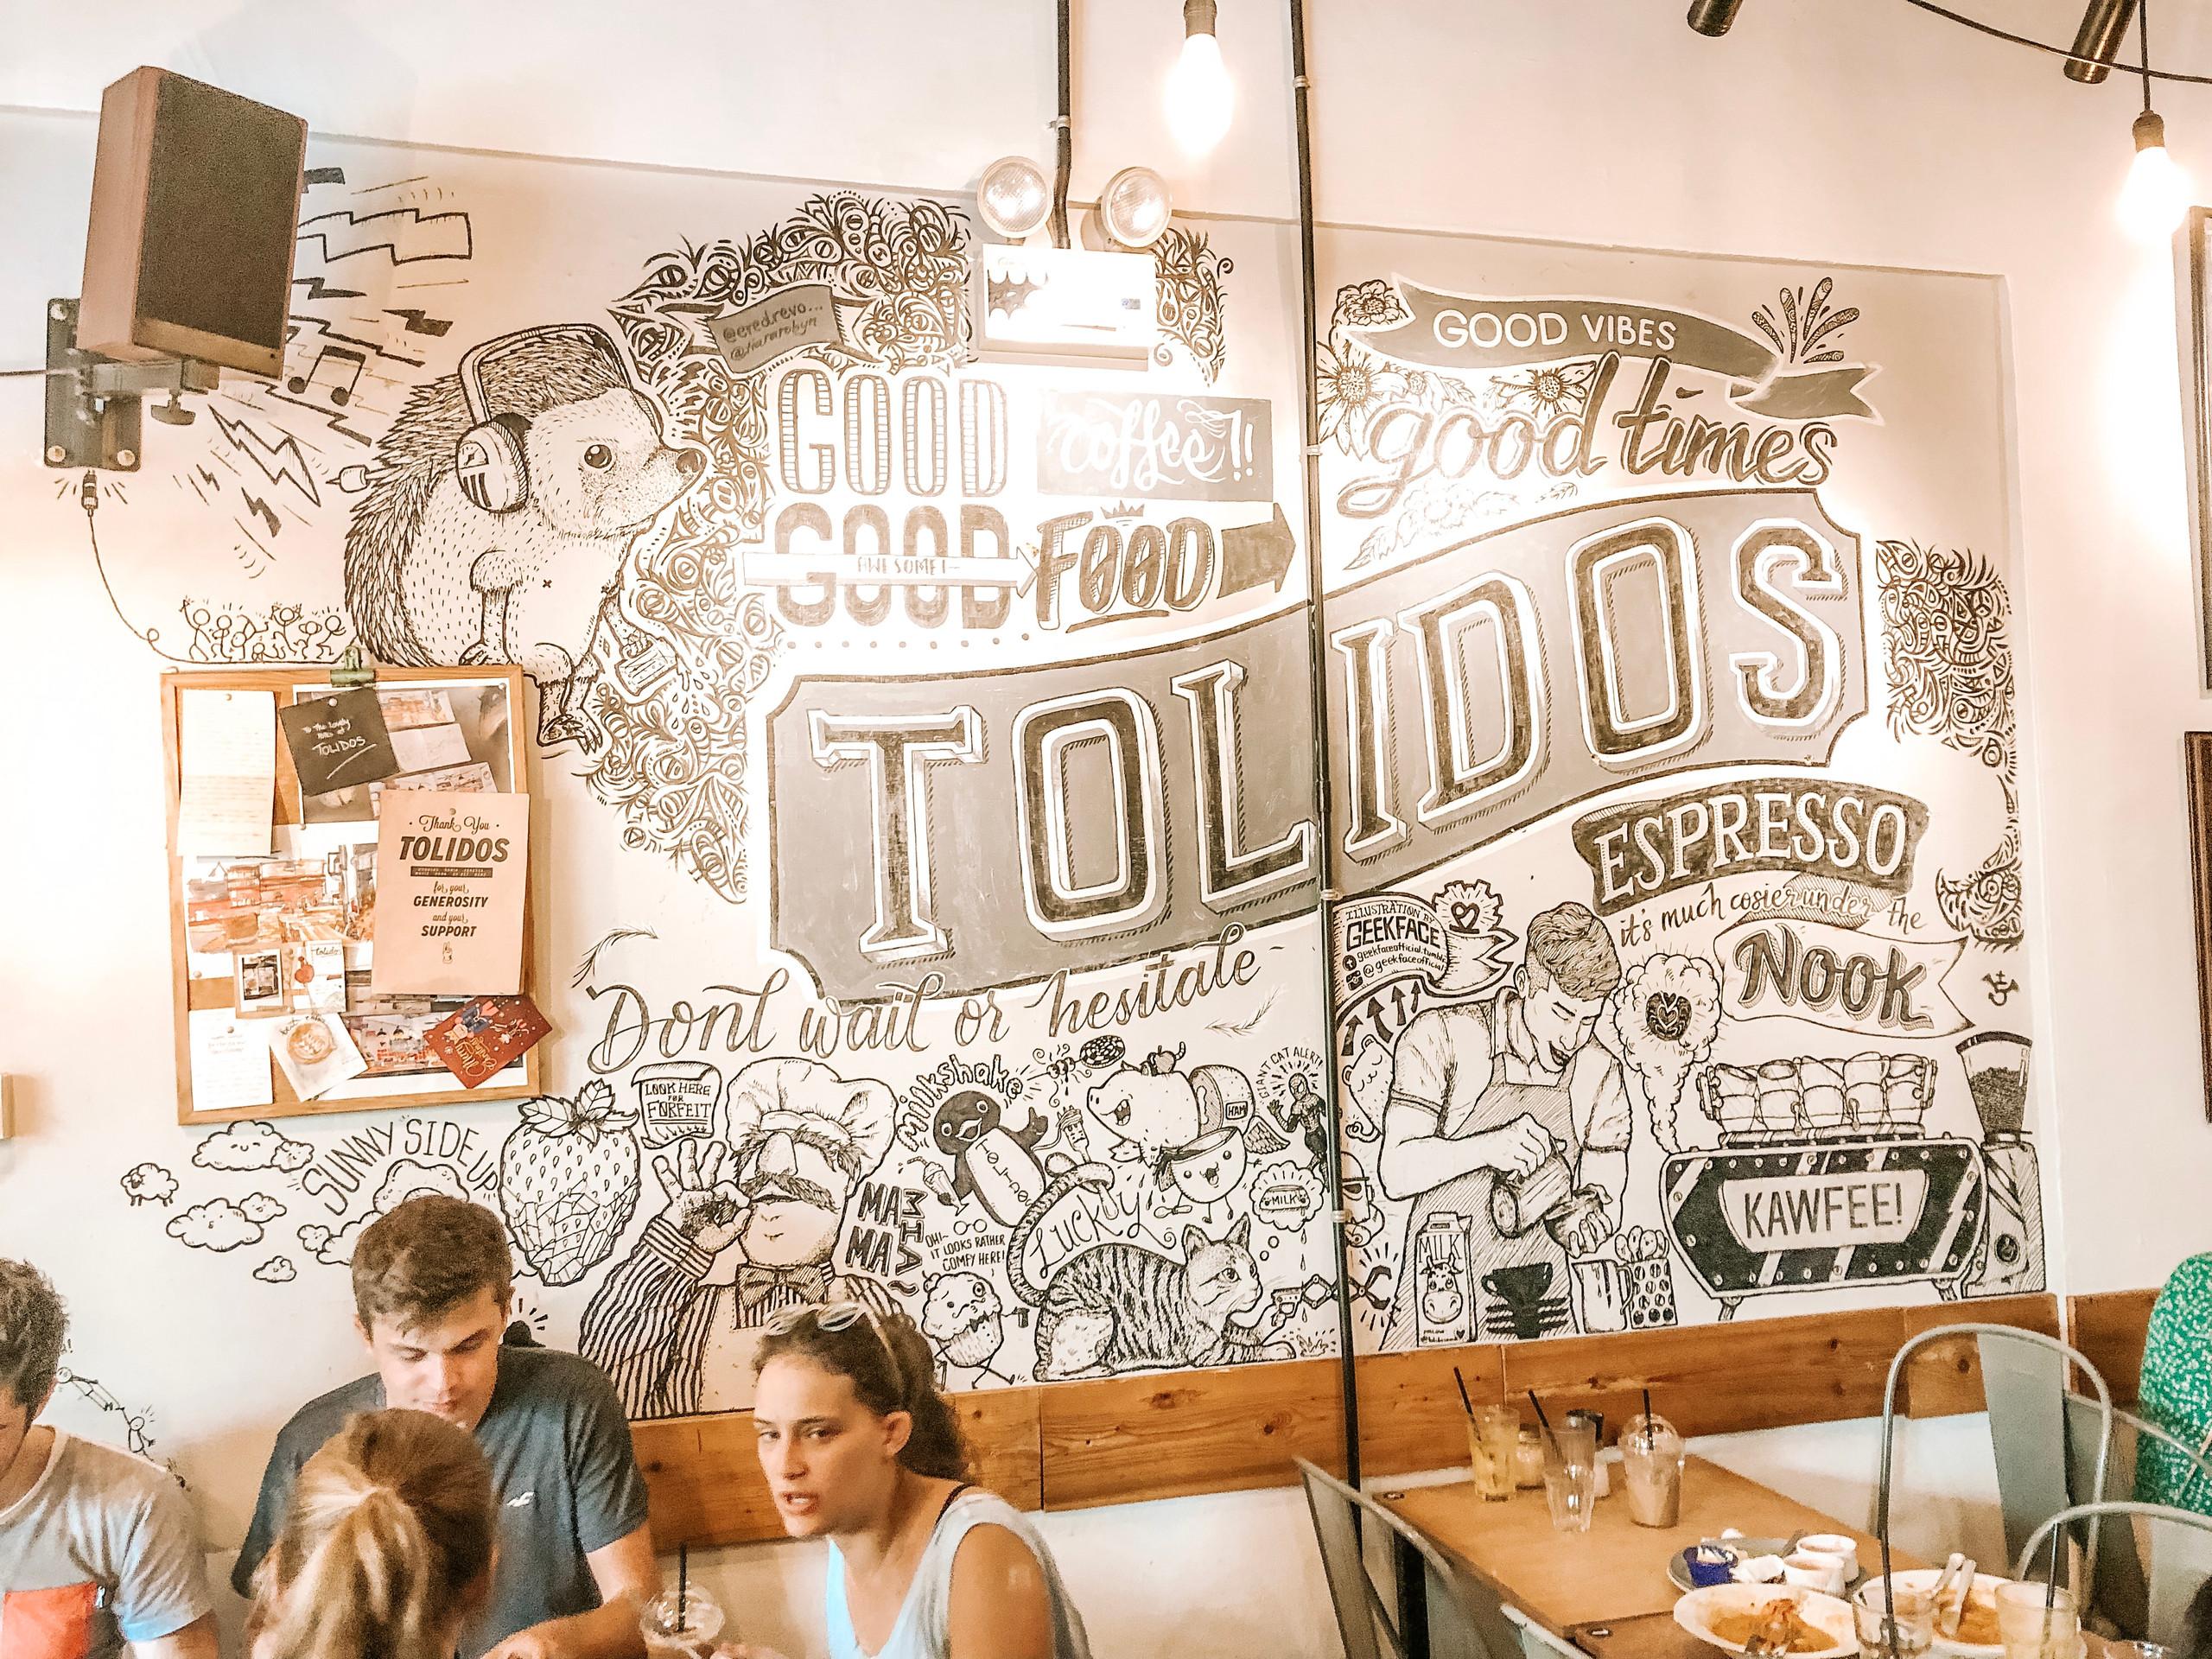 Tolido;s Espresso Nook Singapore best brunch coffee